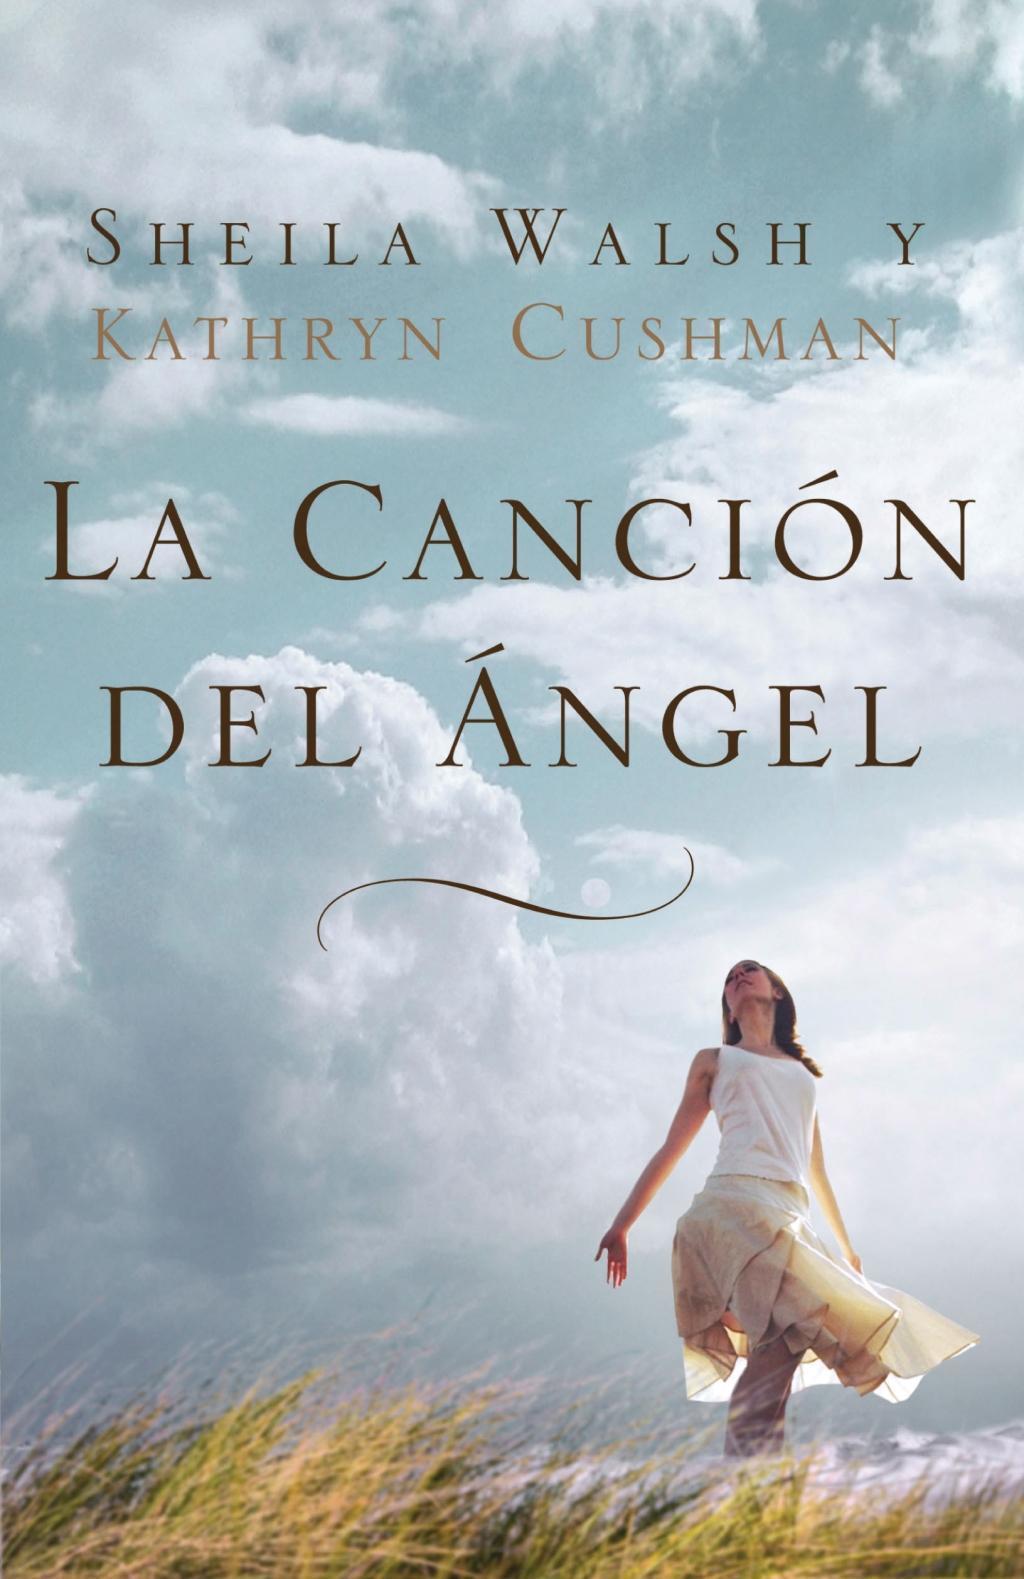 La canción del ángel